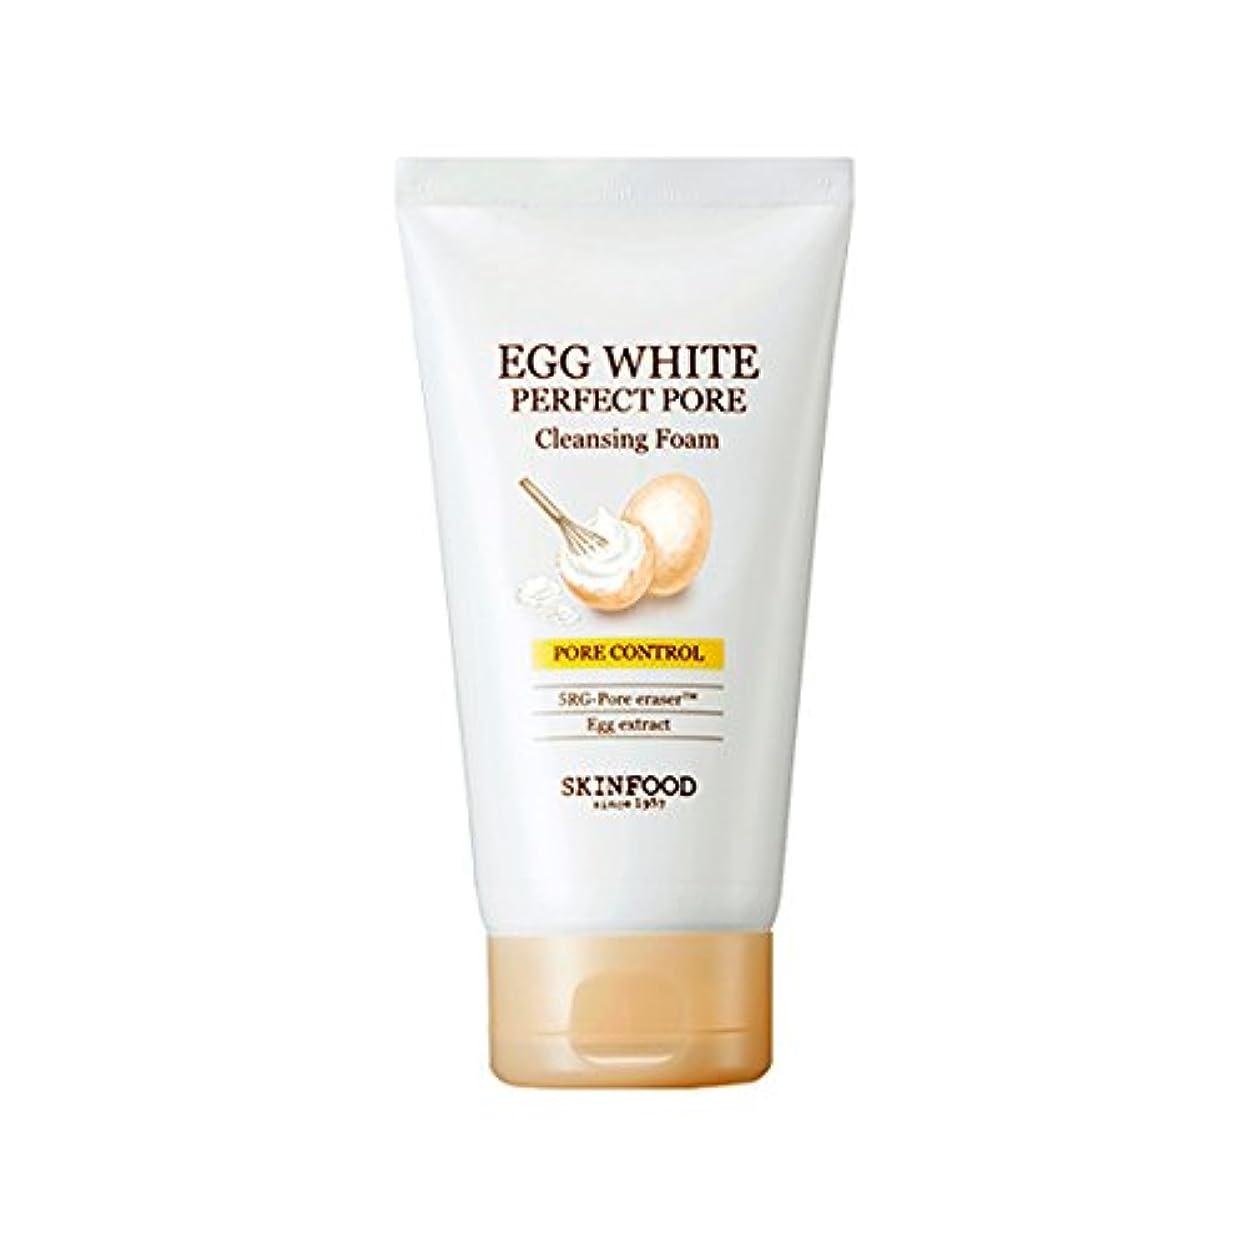 命令治療メロン[2017 New] SKINFOOD Egg White Perfect Pore Cleansing Foam 150ml/スキンフード エッグ ホワイト パーフェクト ポア クレンジング フォーム 150ml [並行輸入品]